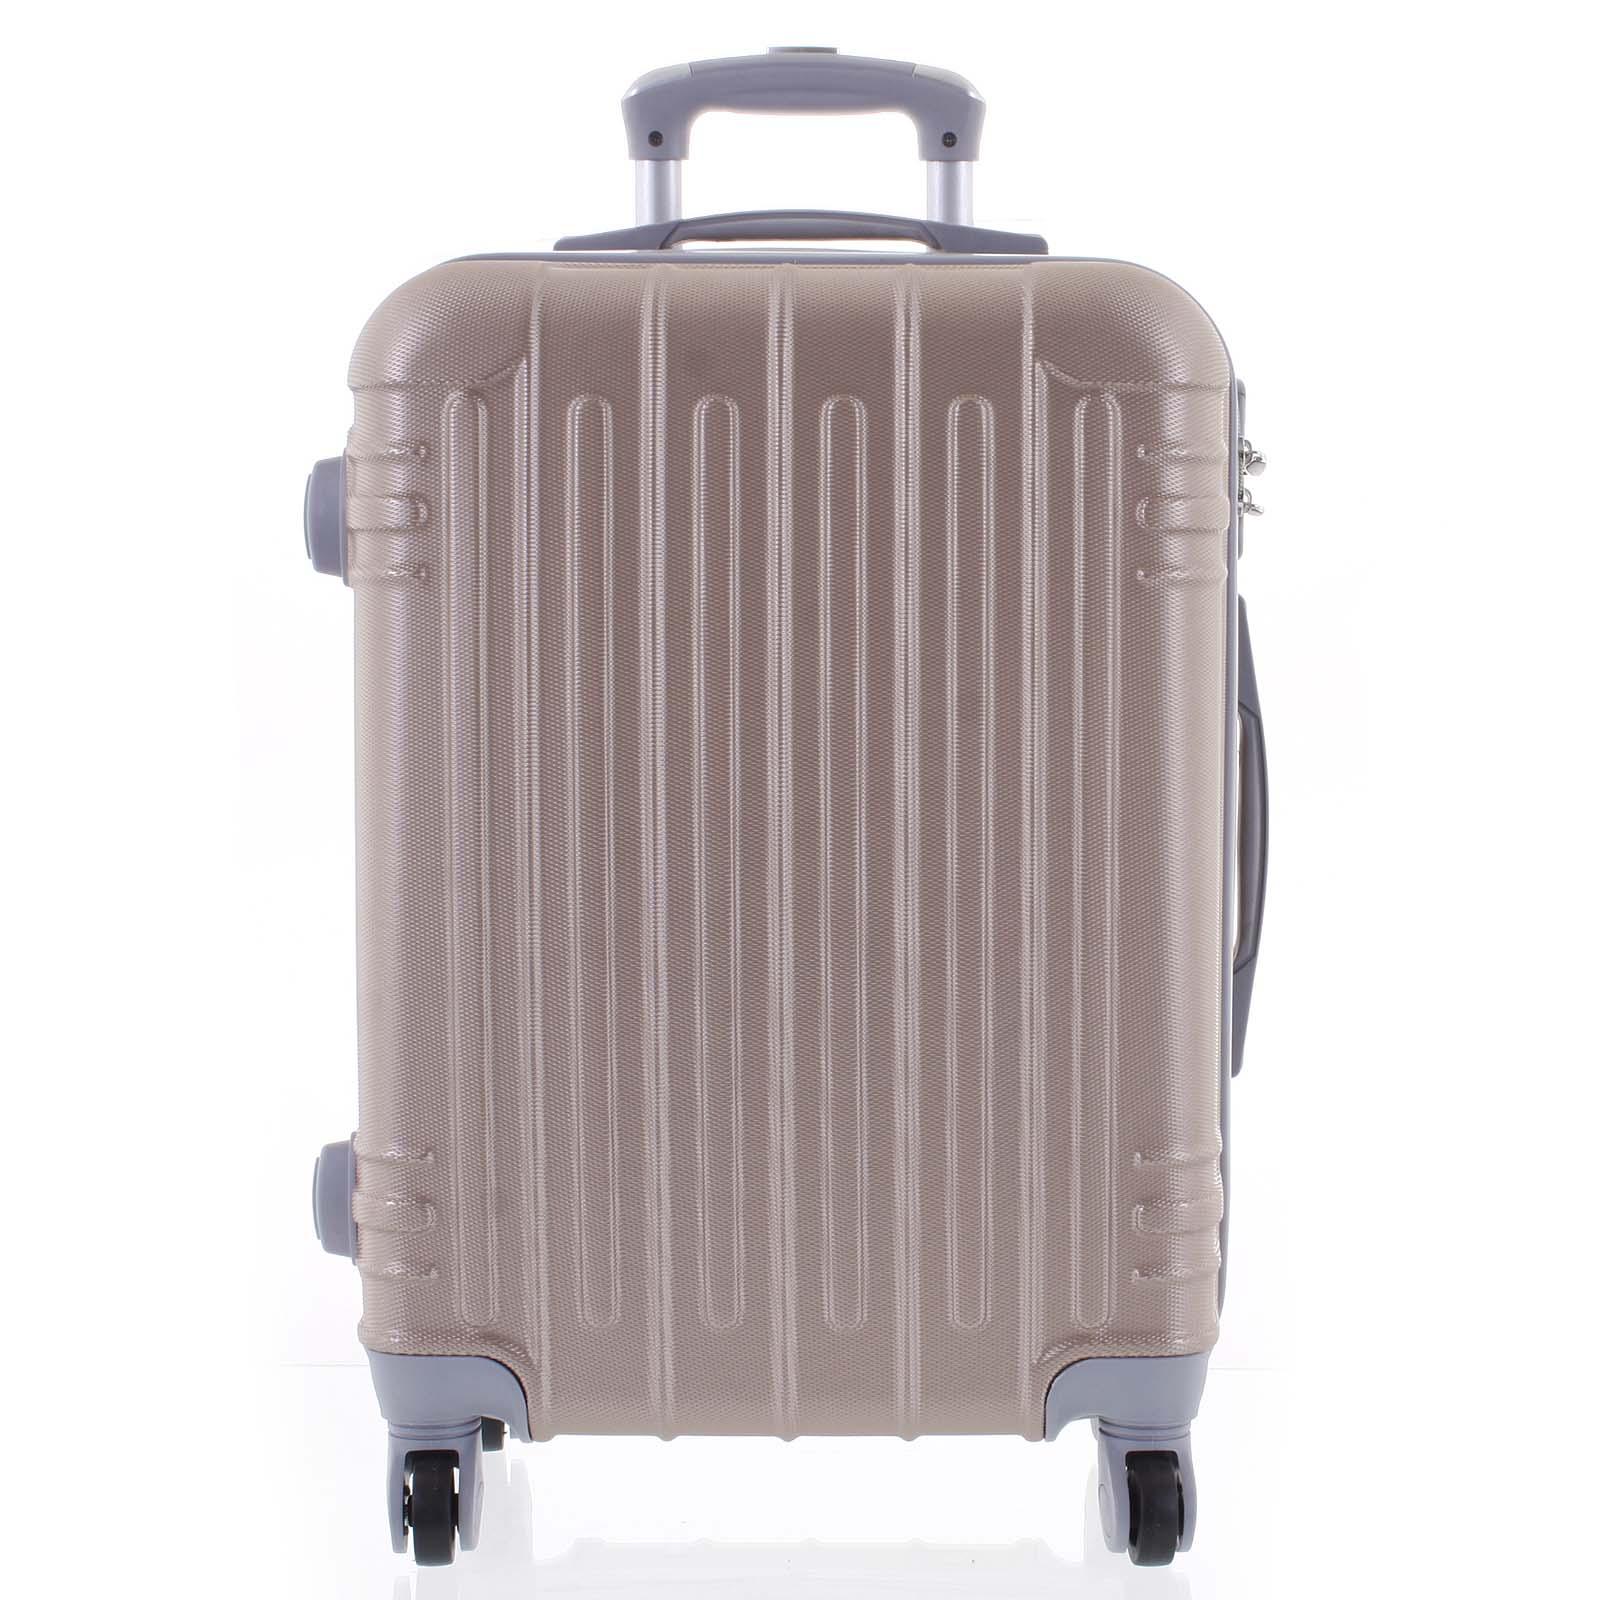 Moderní růžově zlatý skořepinový cestovní kufr - Ormi Dopp S